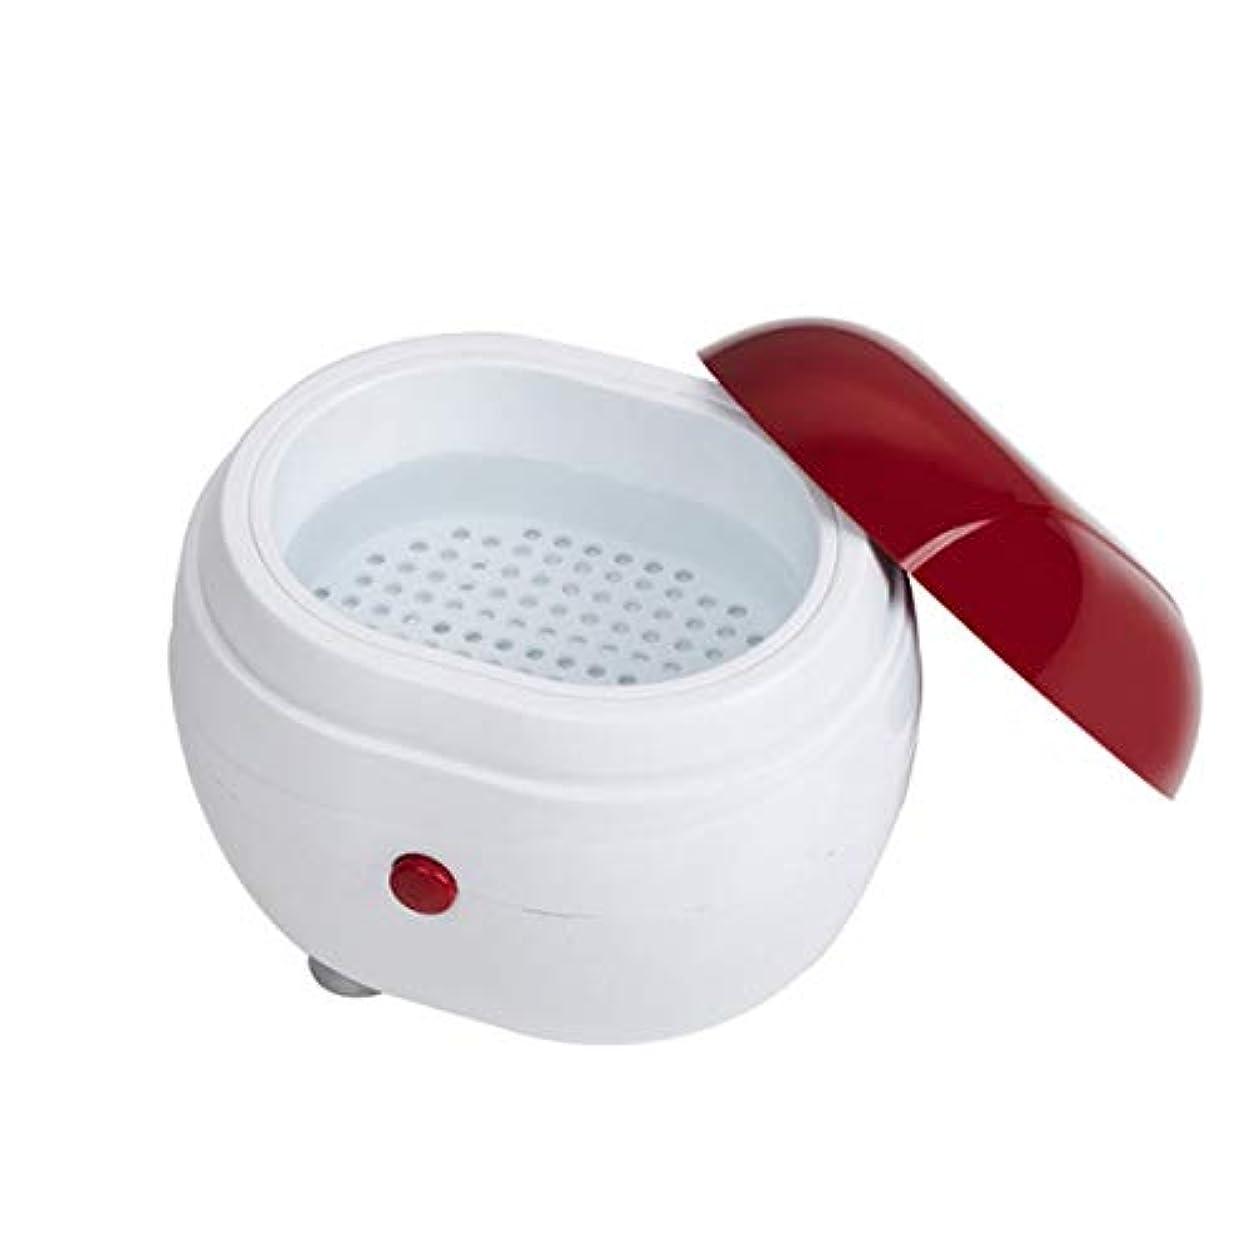 埋め込むプラス見てポータブル超音波洗濯機家庭用ジュエリーレンズ時計入れ歯クリーニング機洗濯機クリーナークリーニングボックス - 赤&白